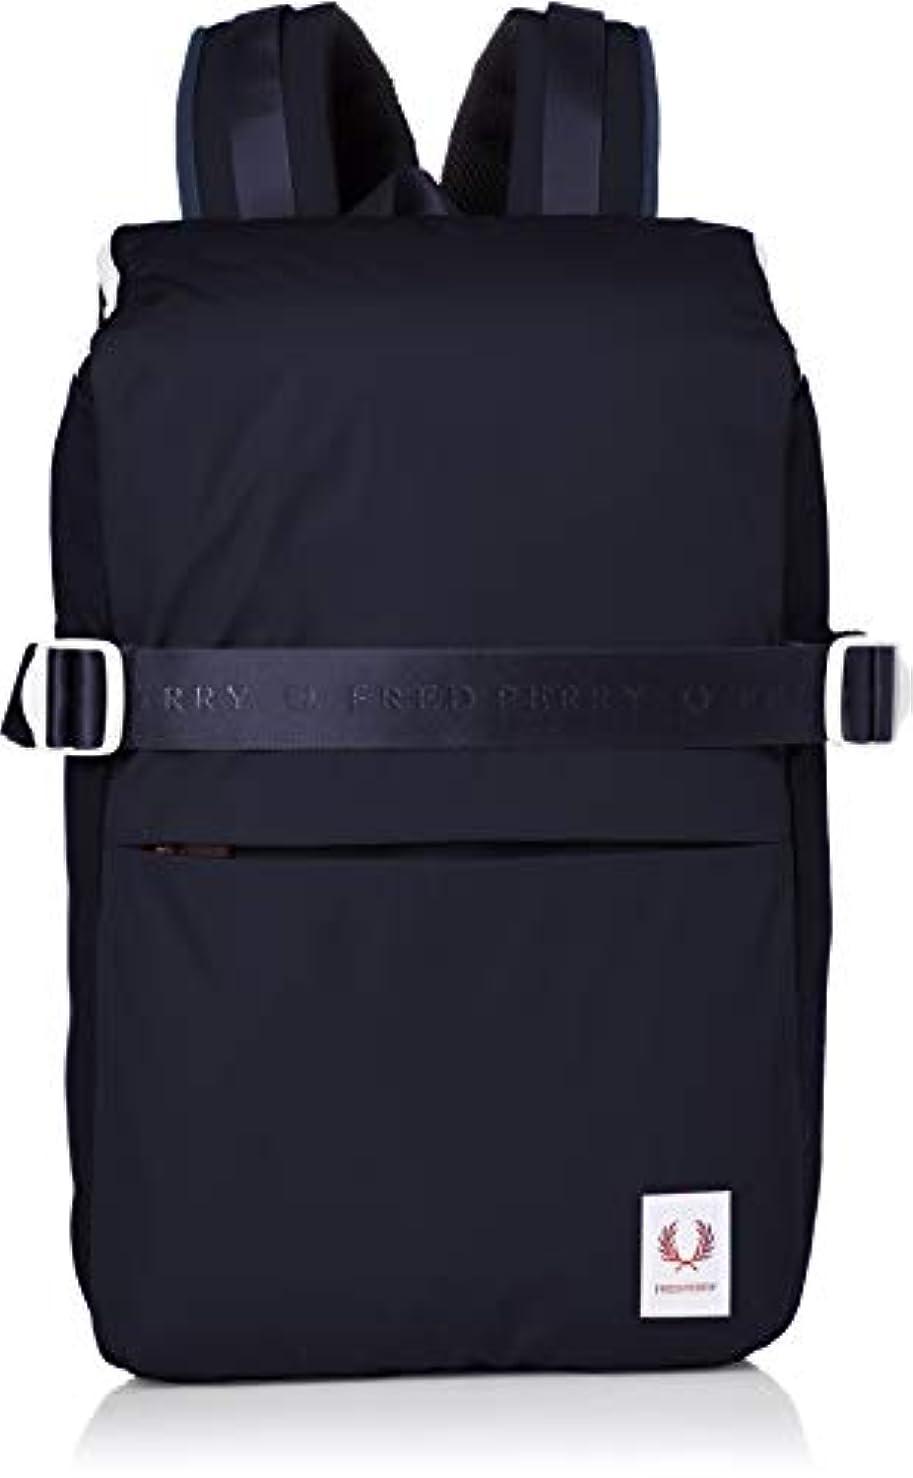 衝動休眠裁判所[フレッドペリー] リュック Square Backpack F9554